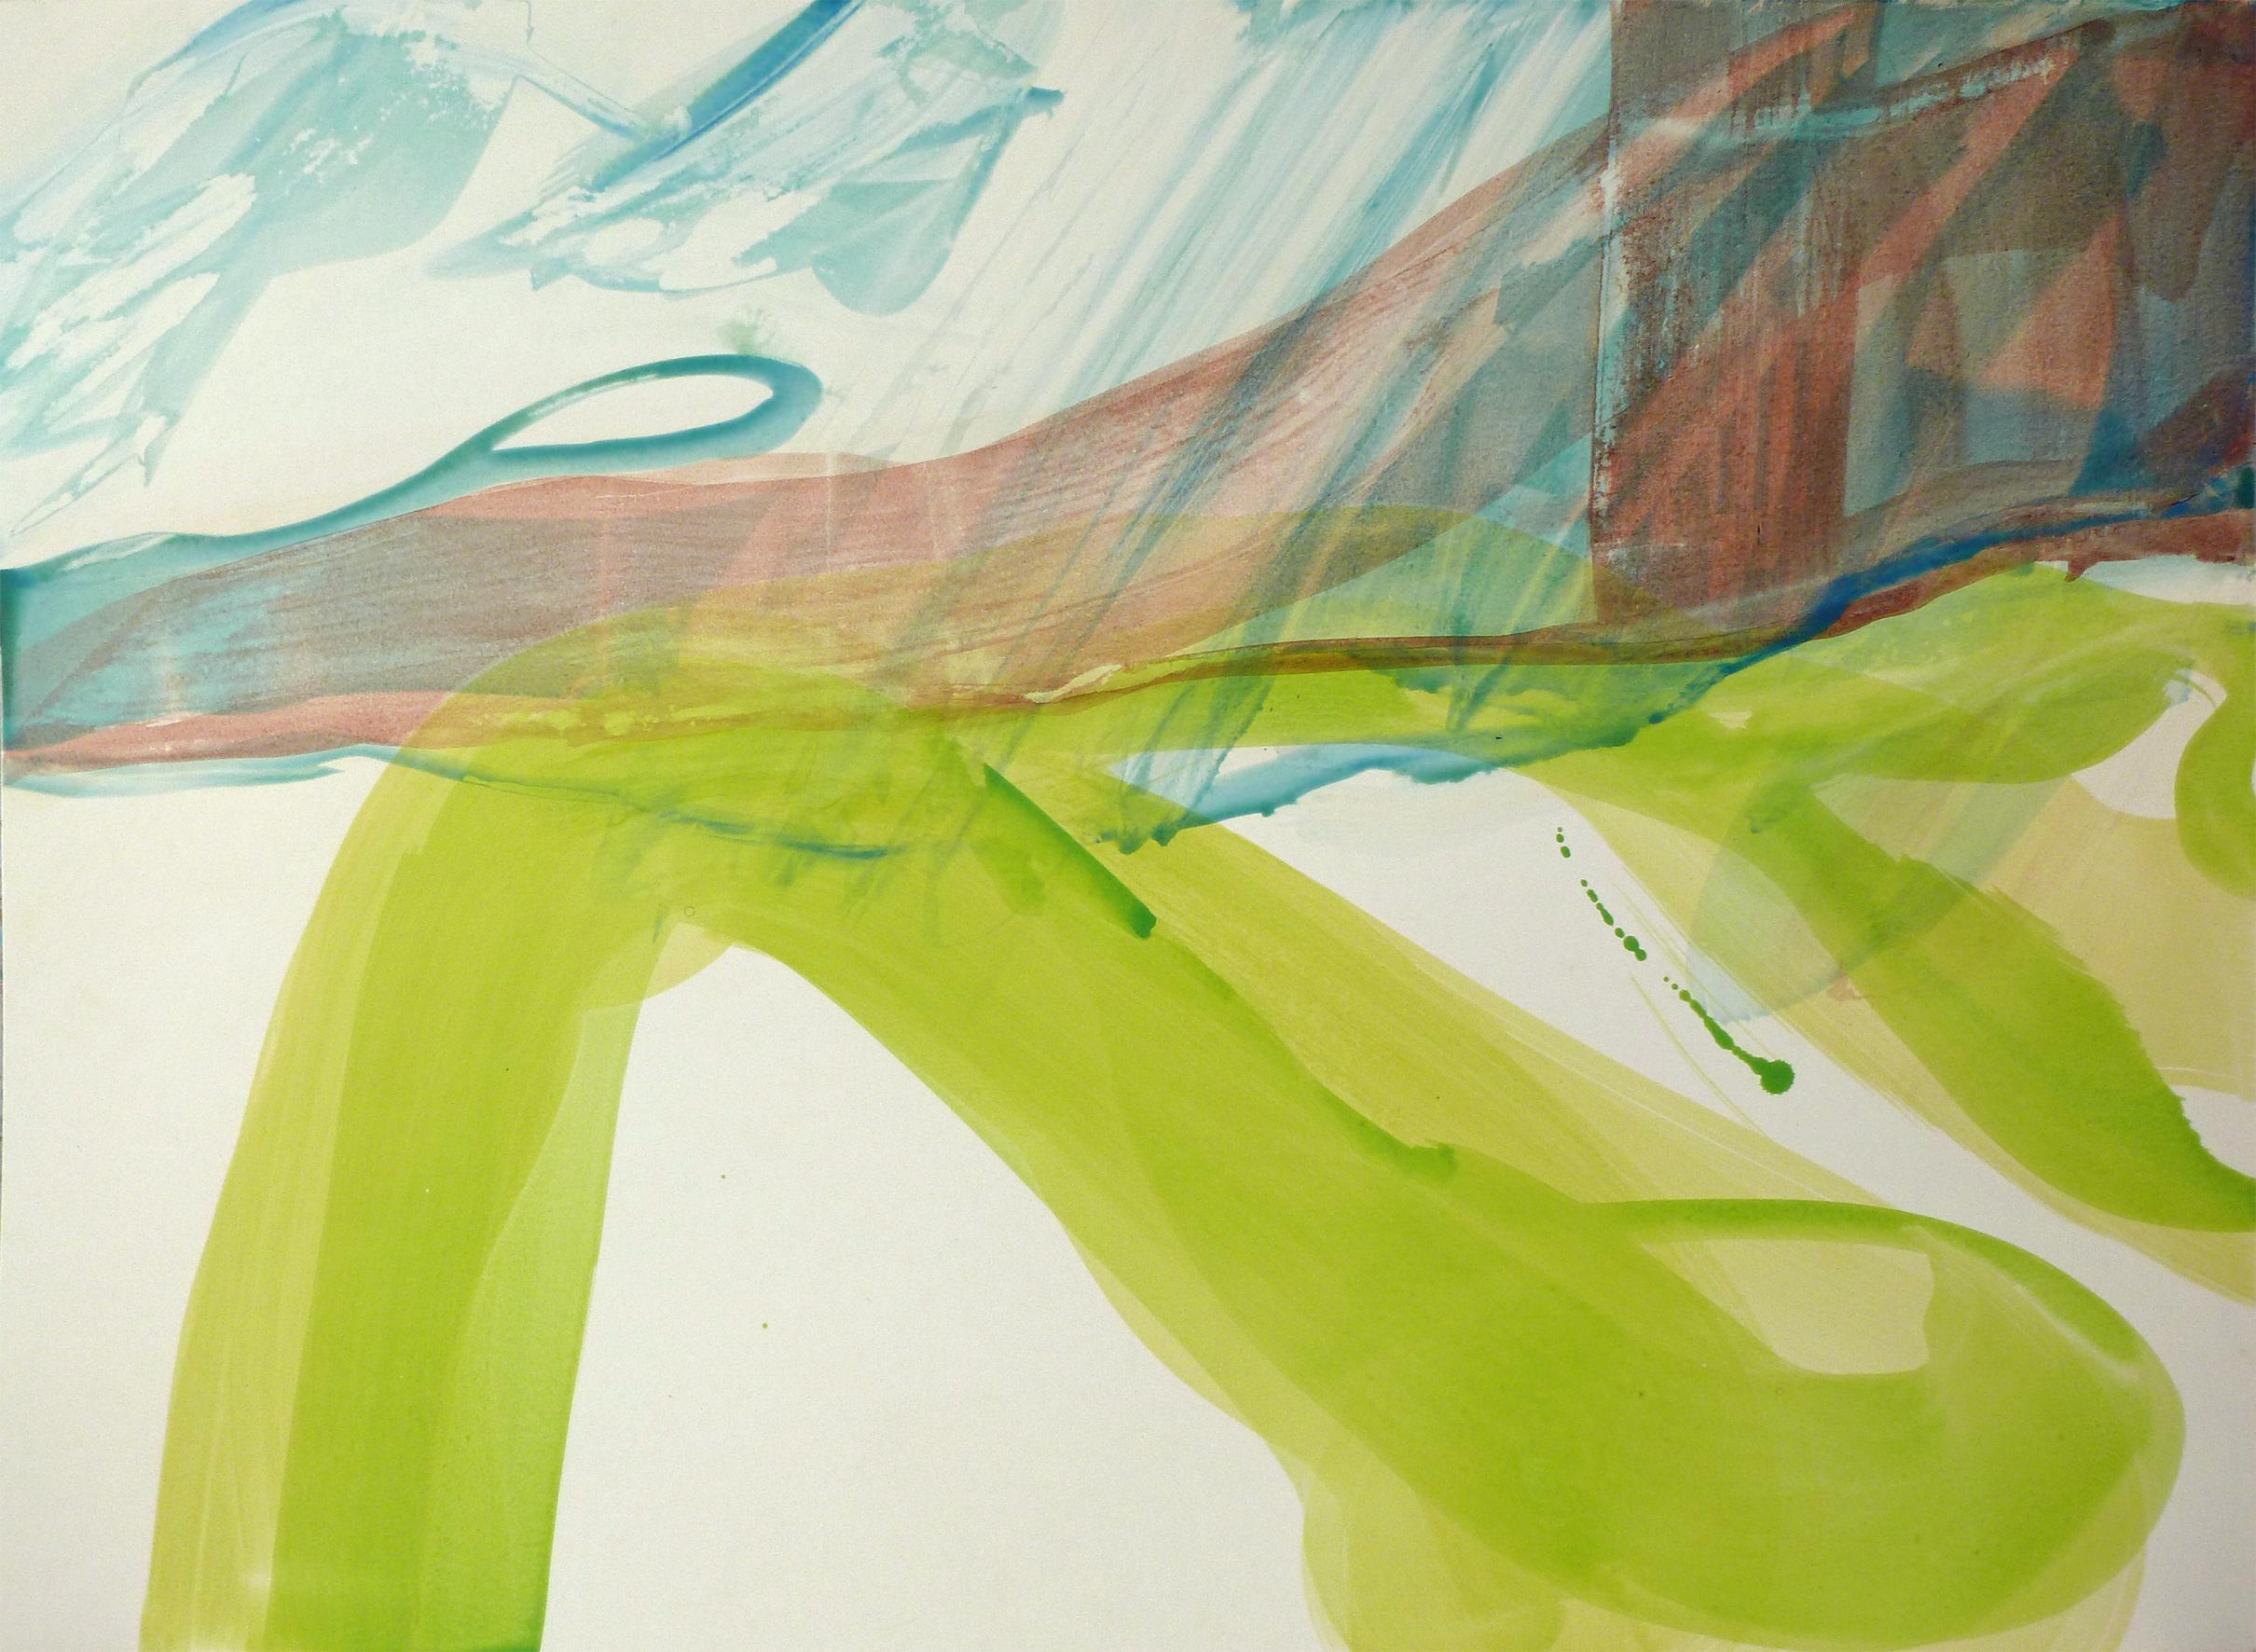 Watzmann, 2011, Acryl auf Papier, 85 x 119 cm © Uta Weil, VG Bild-Kunst, Bonn